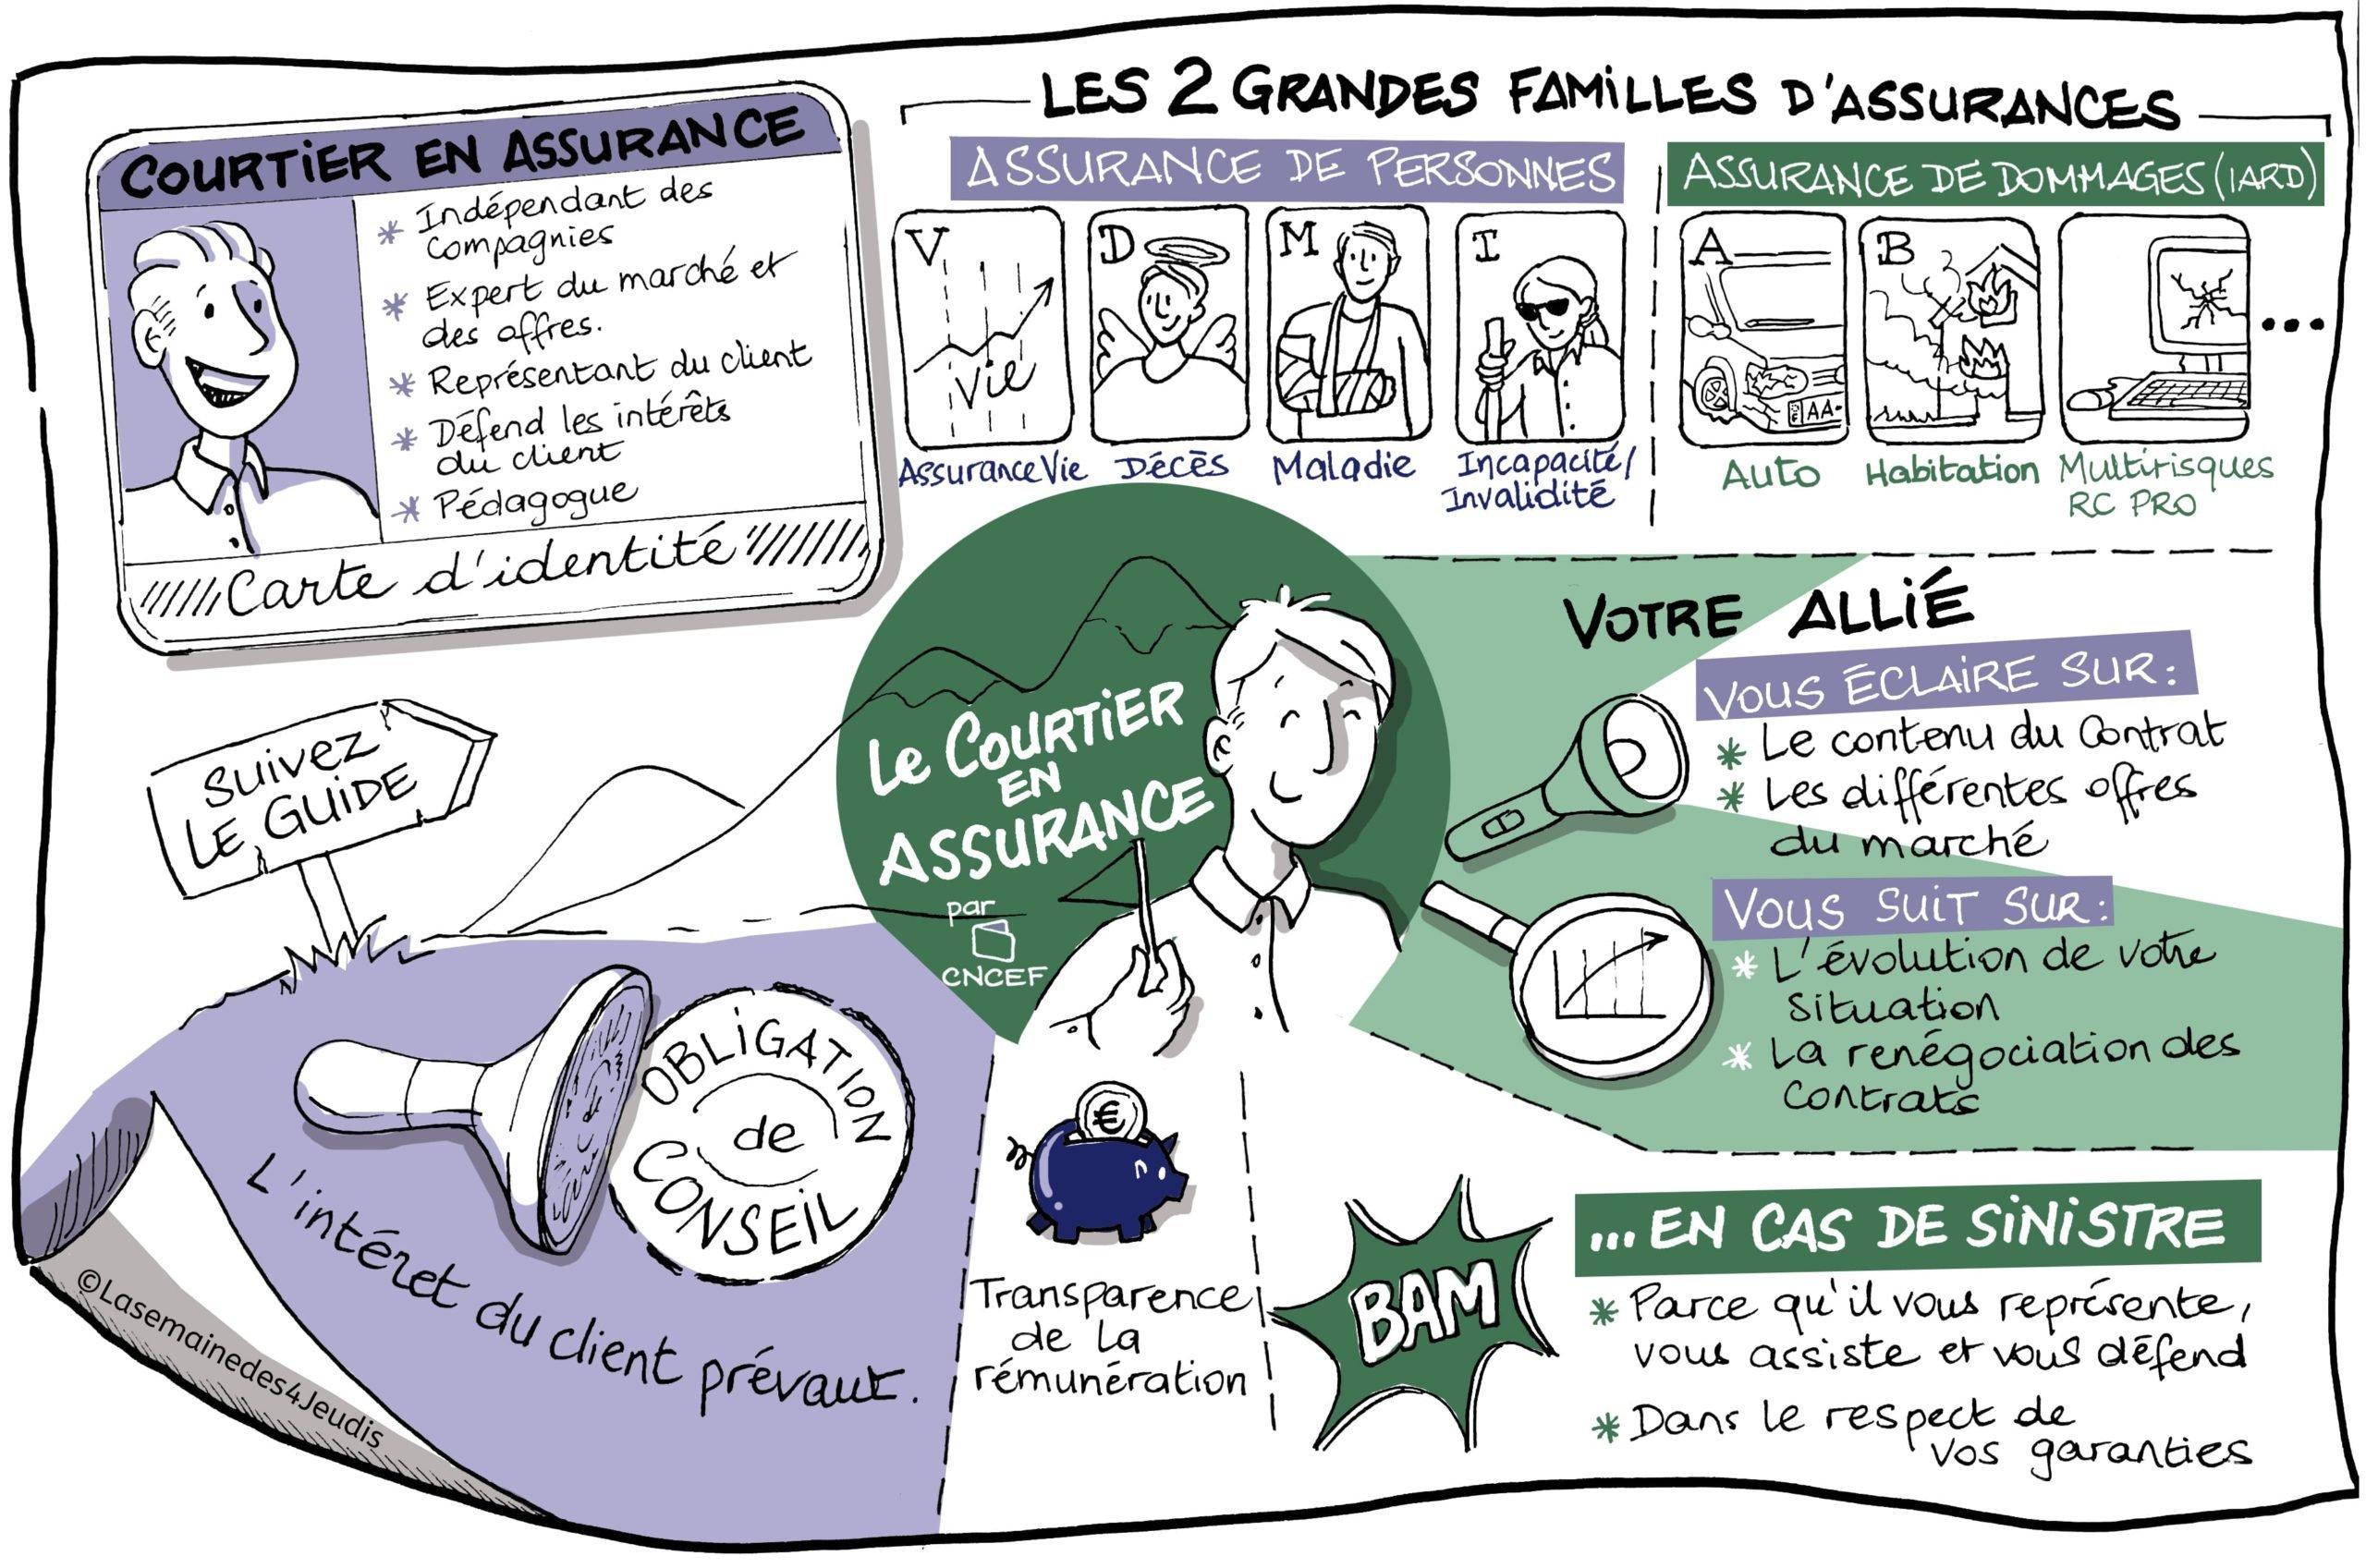 Courtier en assurances - CNCEF Assurance - Design Thinking Explication - Optimiser vos métiers